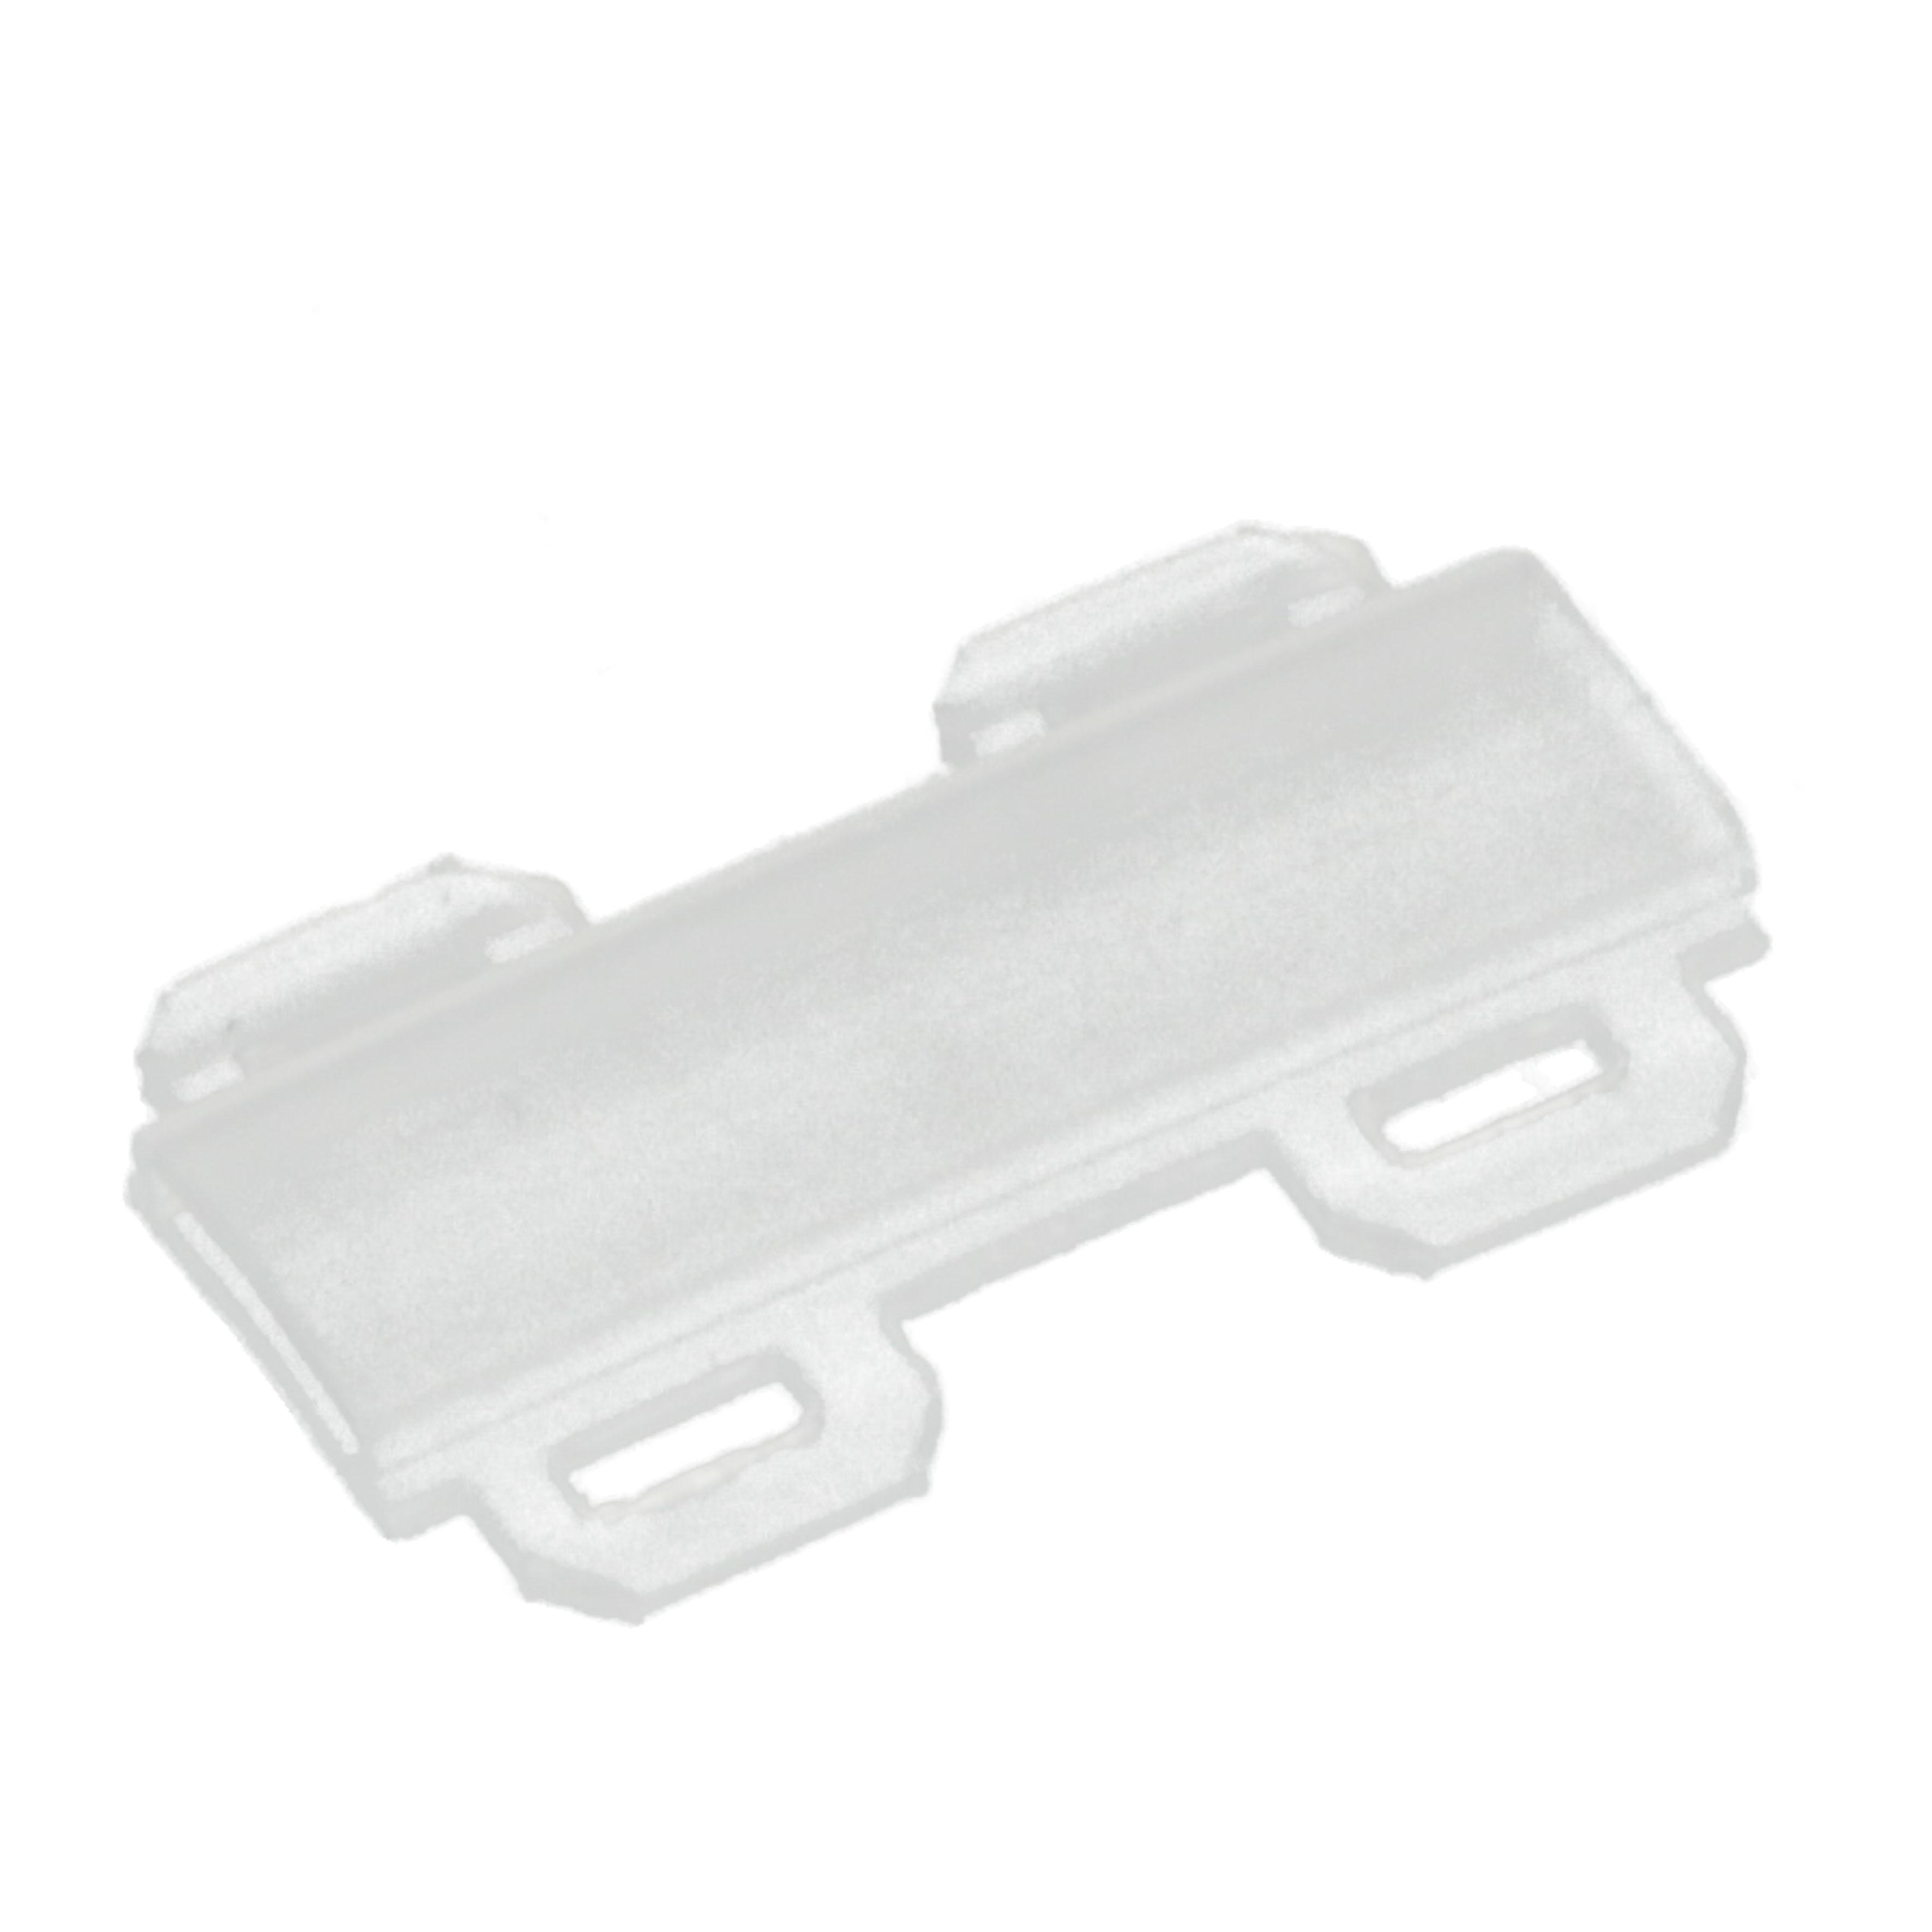 Tila 35 x 9 mm transparenta fabricata din PVC ignifuga prindere si fixare cu coliere de plastic Protejeaza marcajul de pe etichete din instalatii tablouri dulapuri comanda